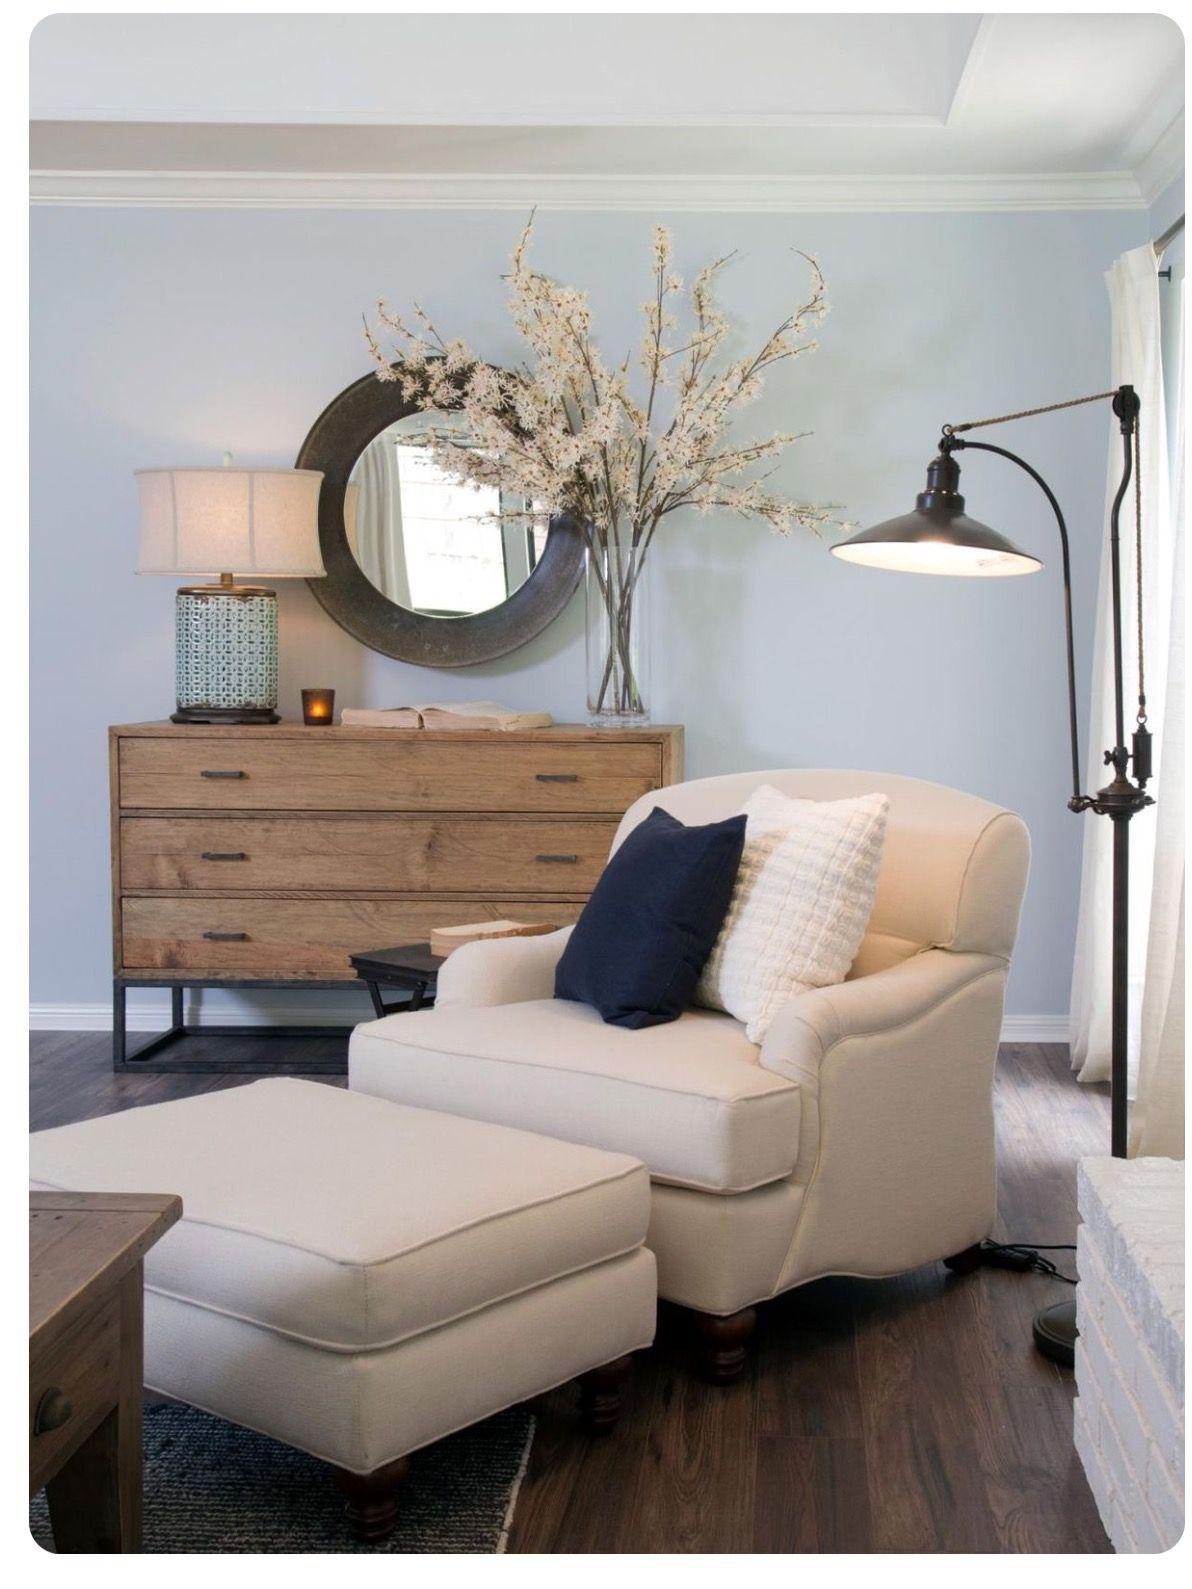 AuBergewohnlich Konsole, Inneneinrichtung, Wohnzimmer, Deko, Wohnzimmer Kissen, Wohnzimmer  Bodenbelag, Beleuchtungsideen, Seitenbeleuchtung, Blitz Design